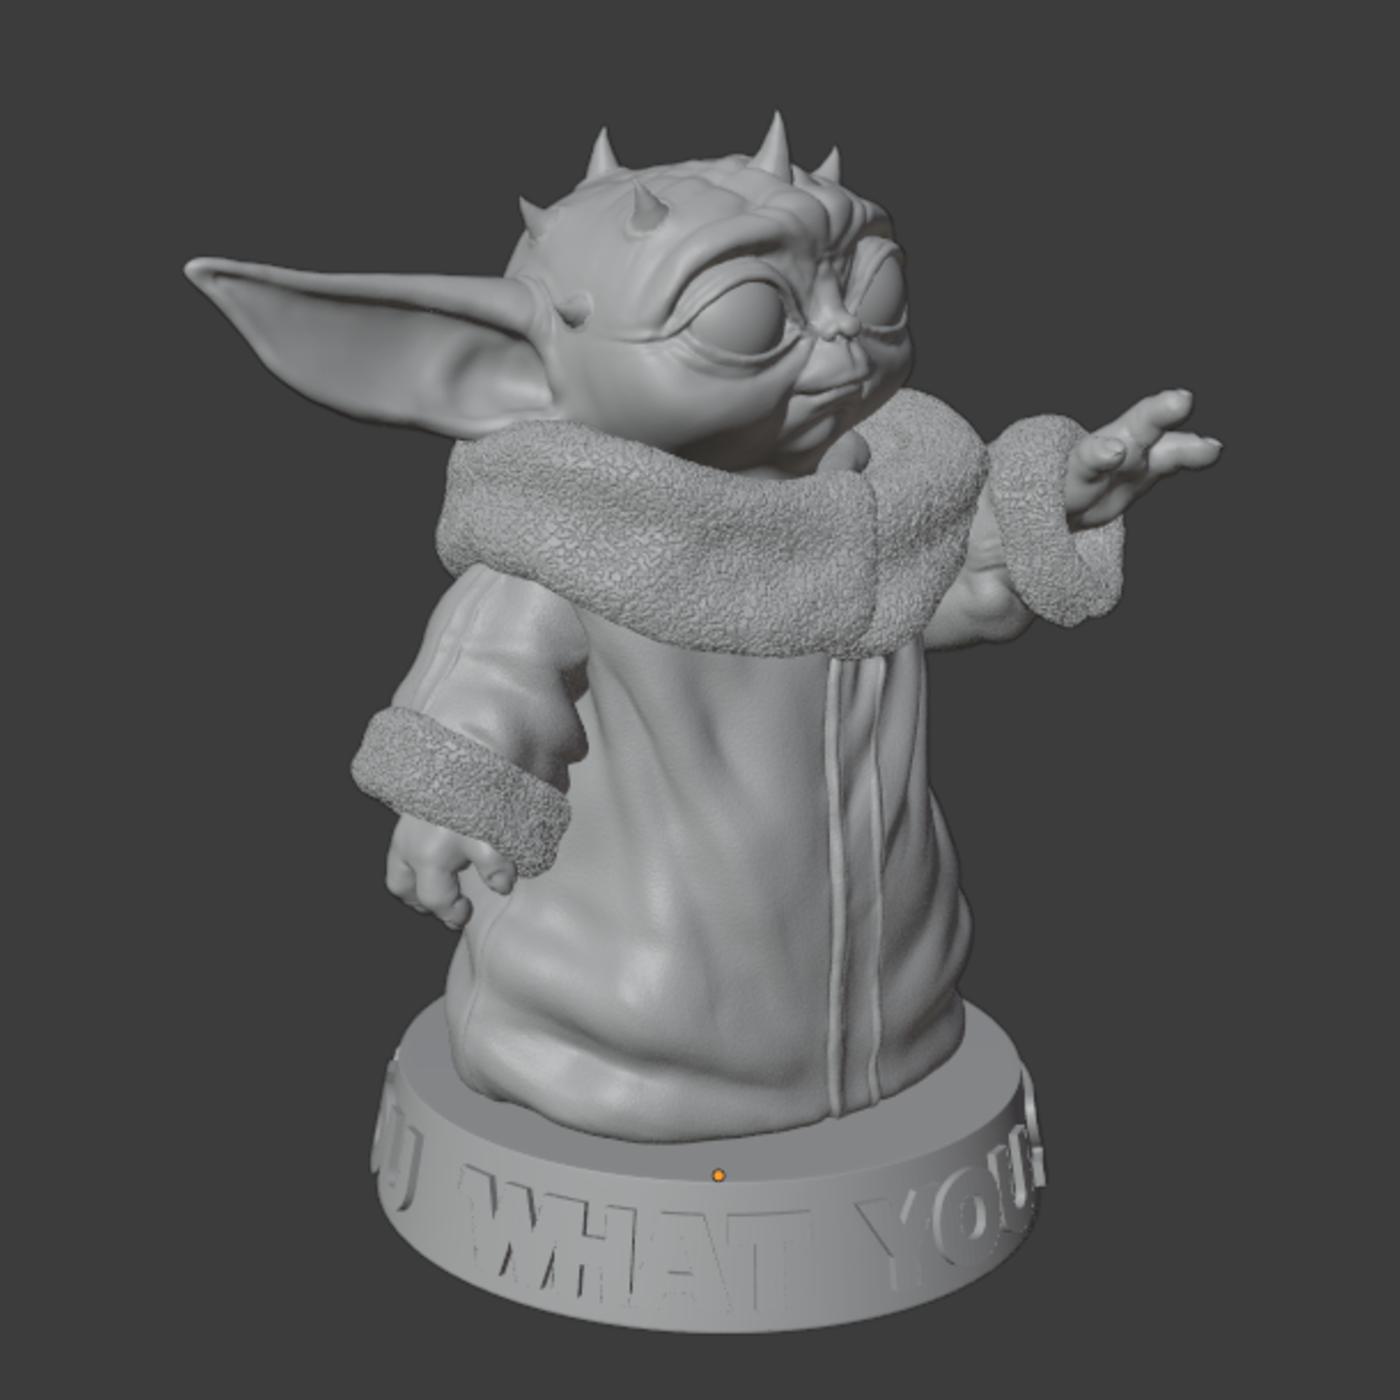 Baby Yoda Darth Maul